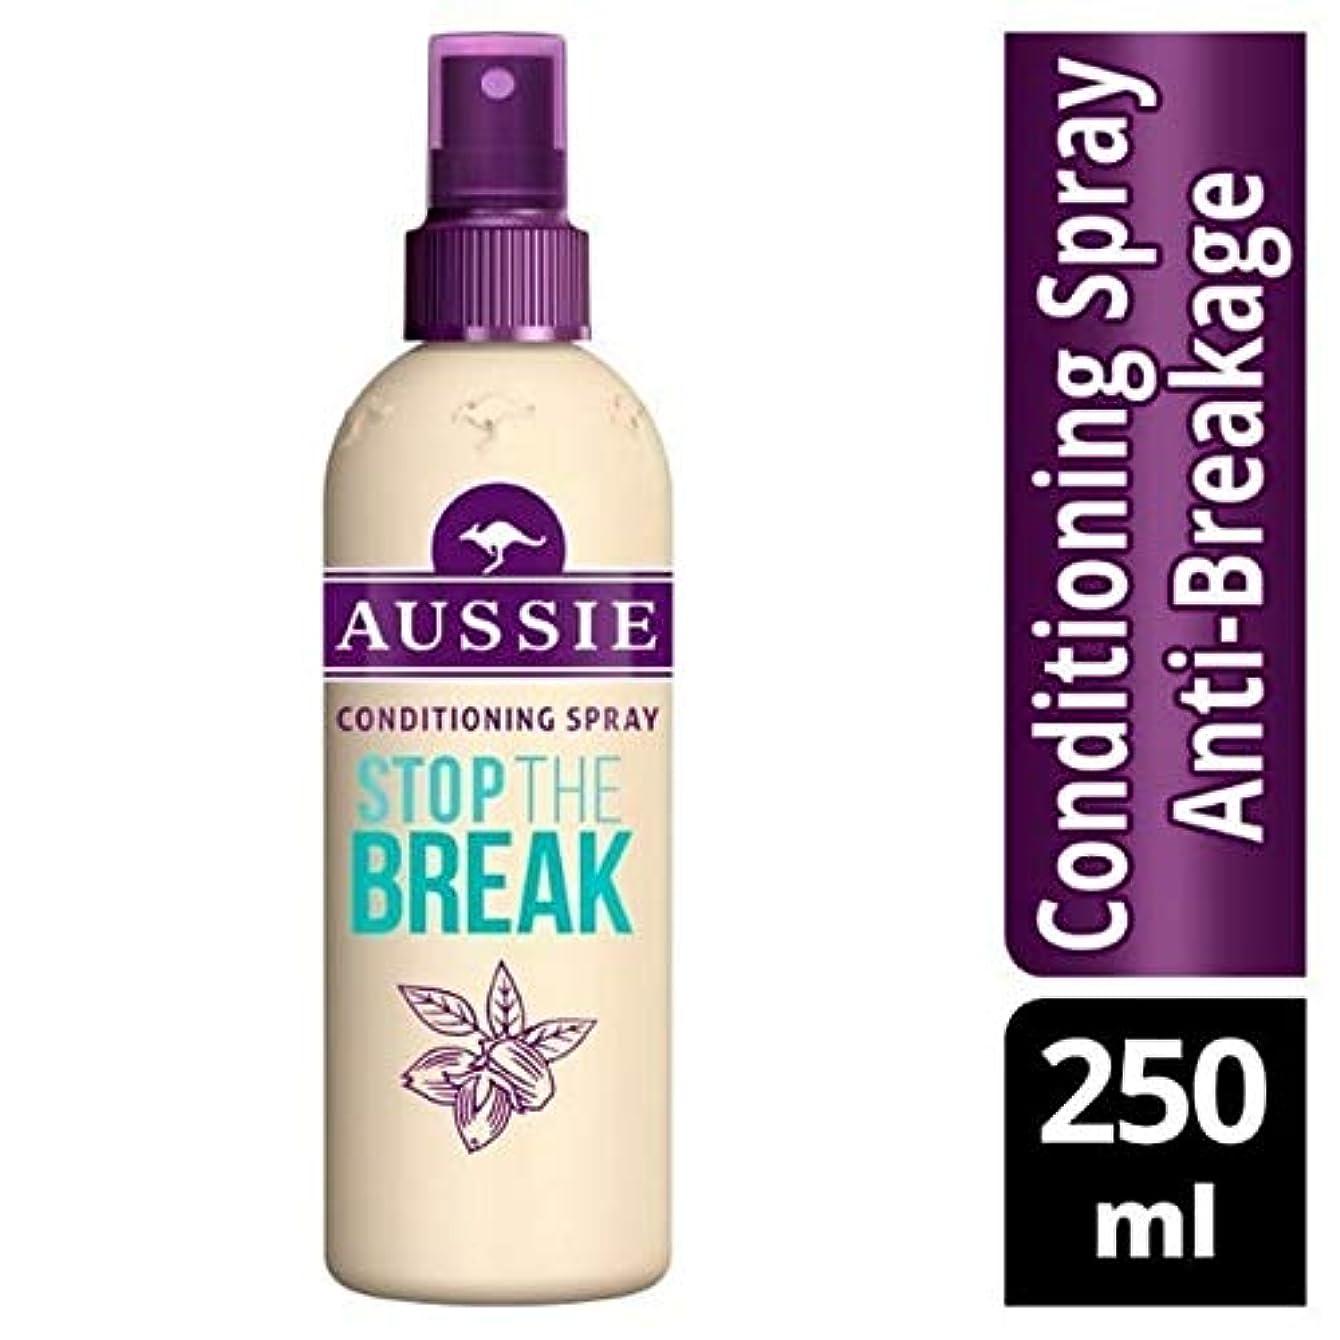 着飾るスキャンダラス梨[Aussie ] オージーはブレーク保護&コンディショニングスプレー250ミリリットルを停止します - Aussie Stop The Break Protection & Conditioning Spray 250ml...